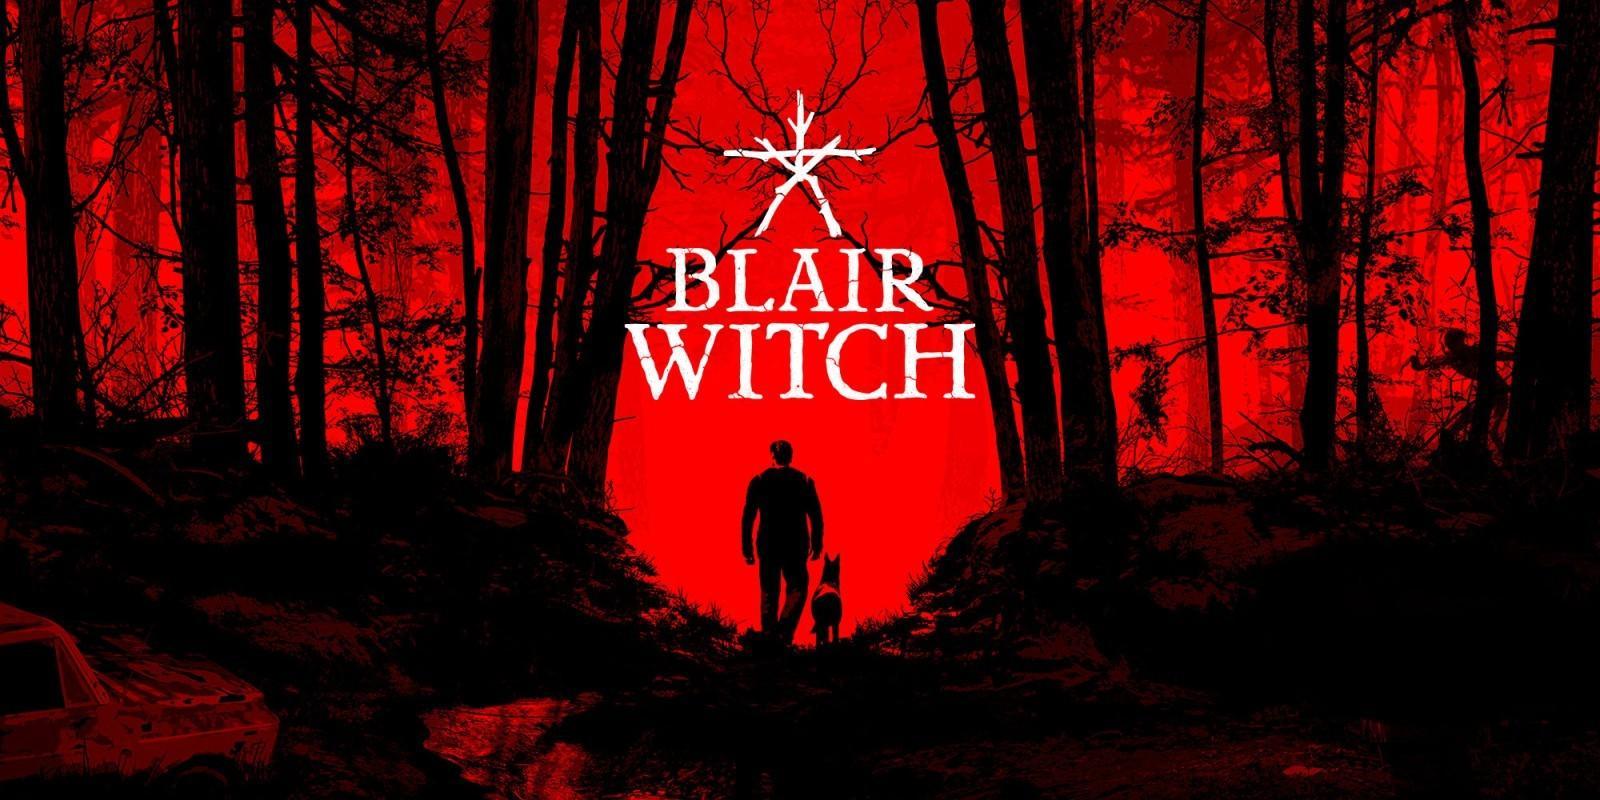 Хоррор Blair Witch для Nintendo Switch обзавёлся датой релиза 98